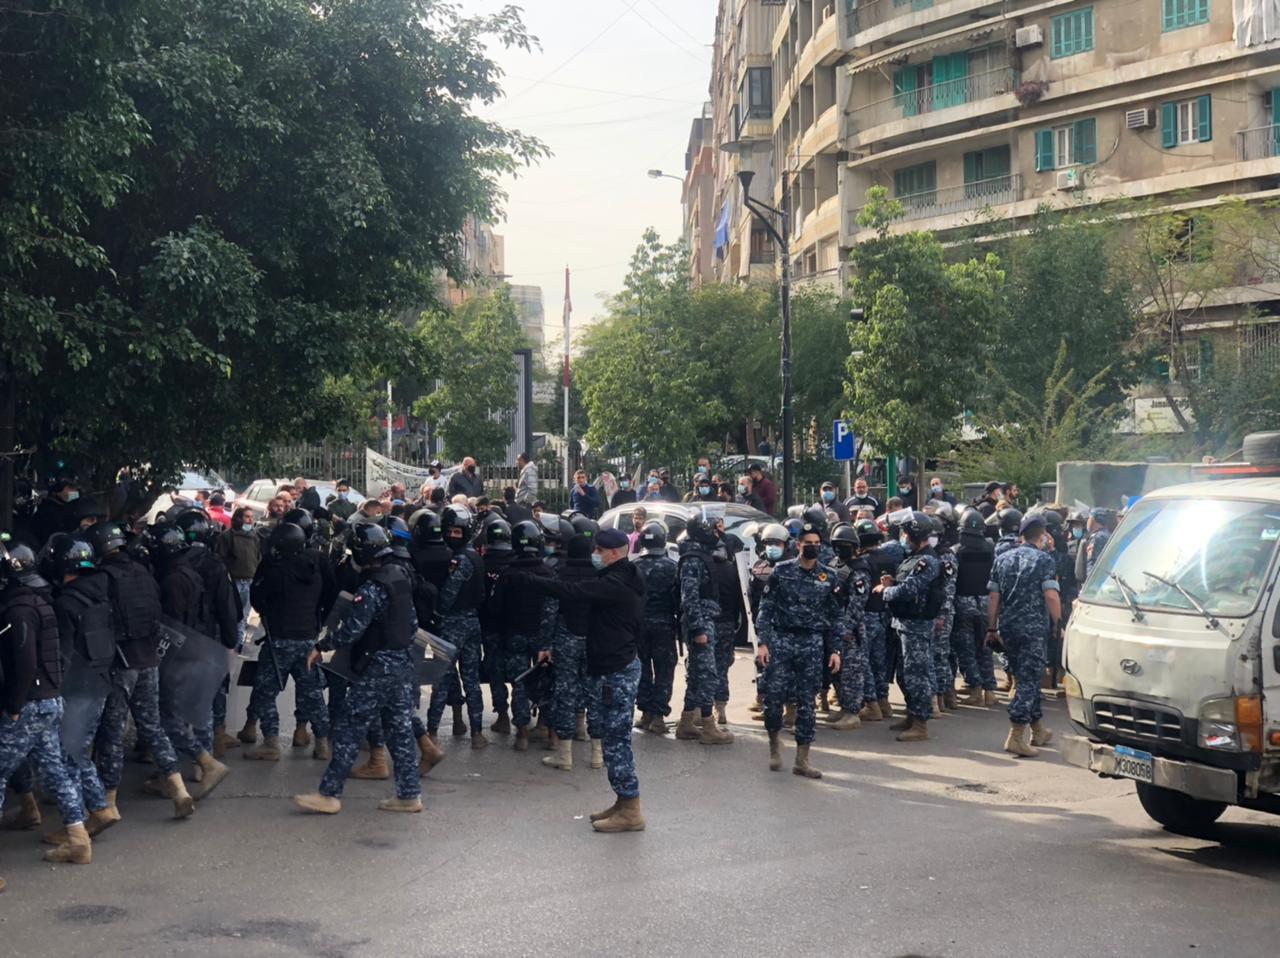 تجدد الاحتجاجات في لبنان وسط تردي الأوضاع الاقتصادية